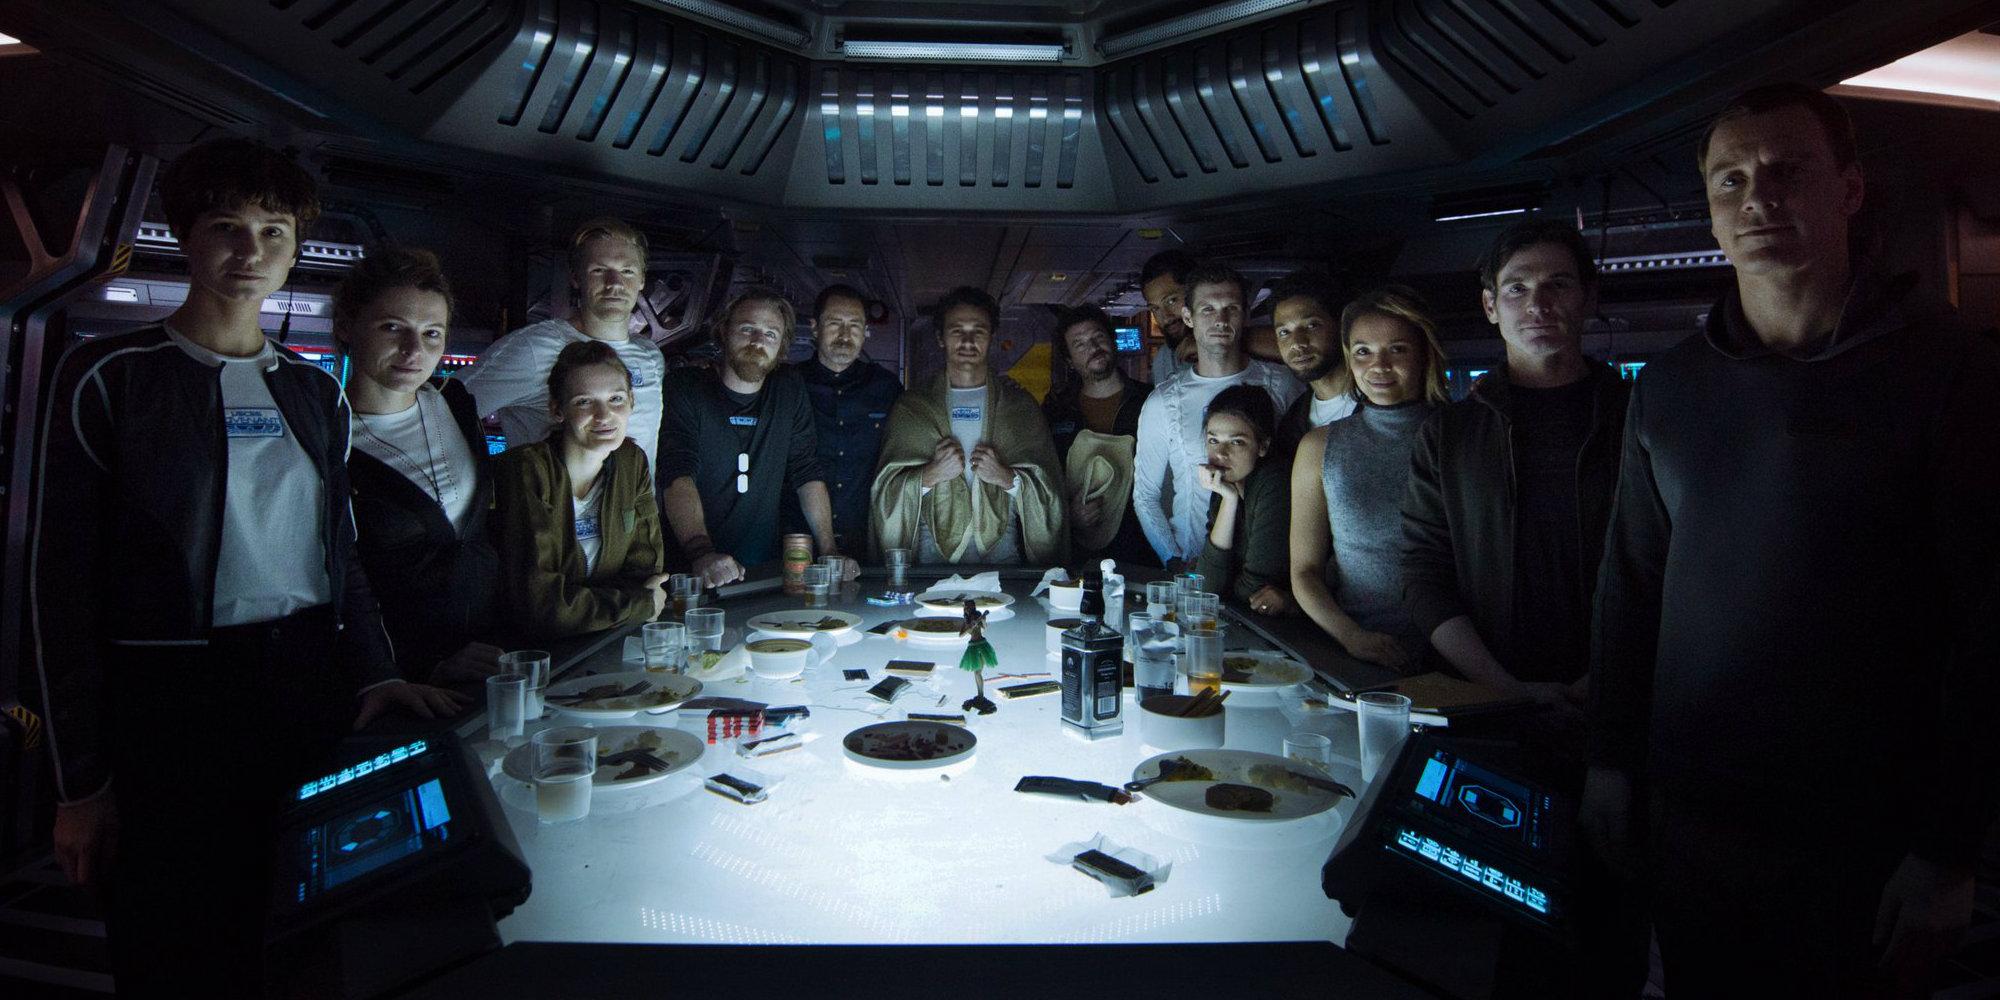 Alien: Covenant cast photo with James Franco